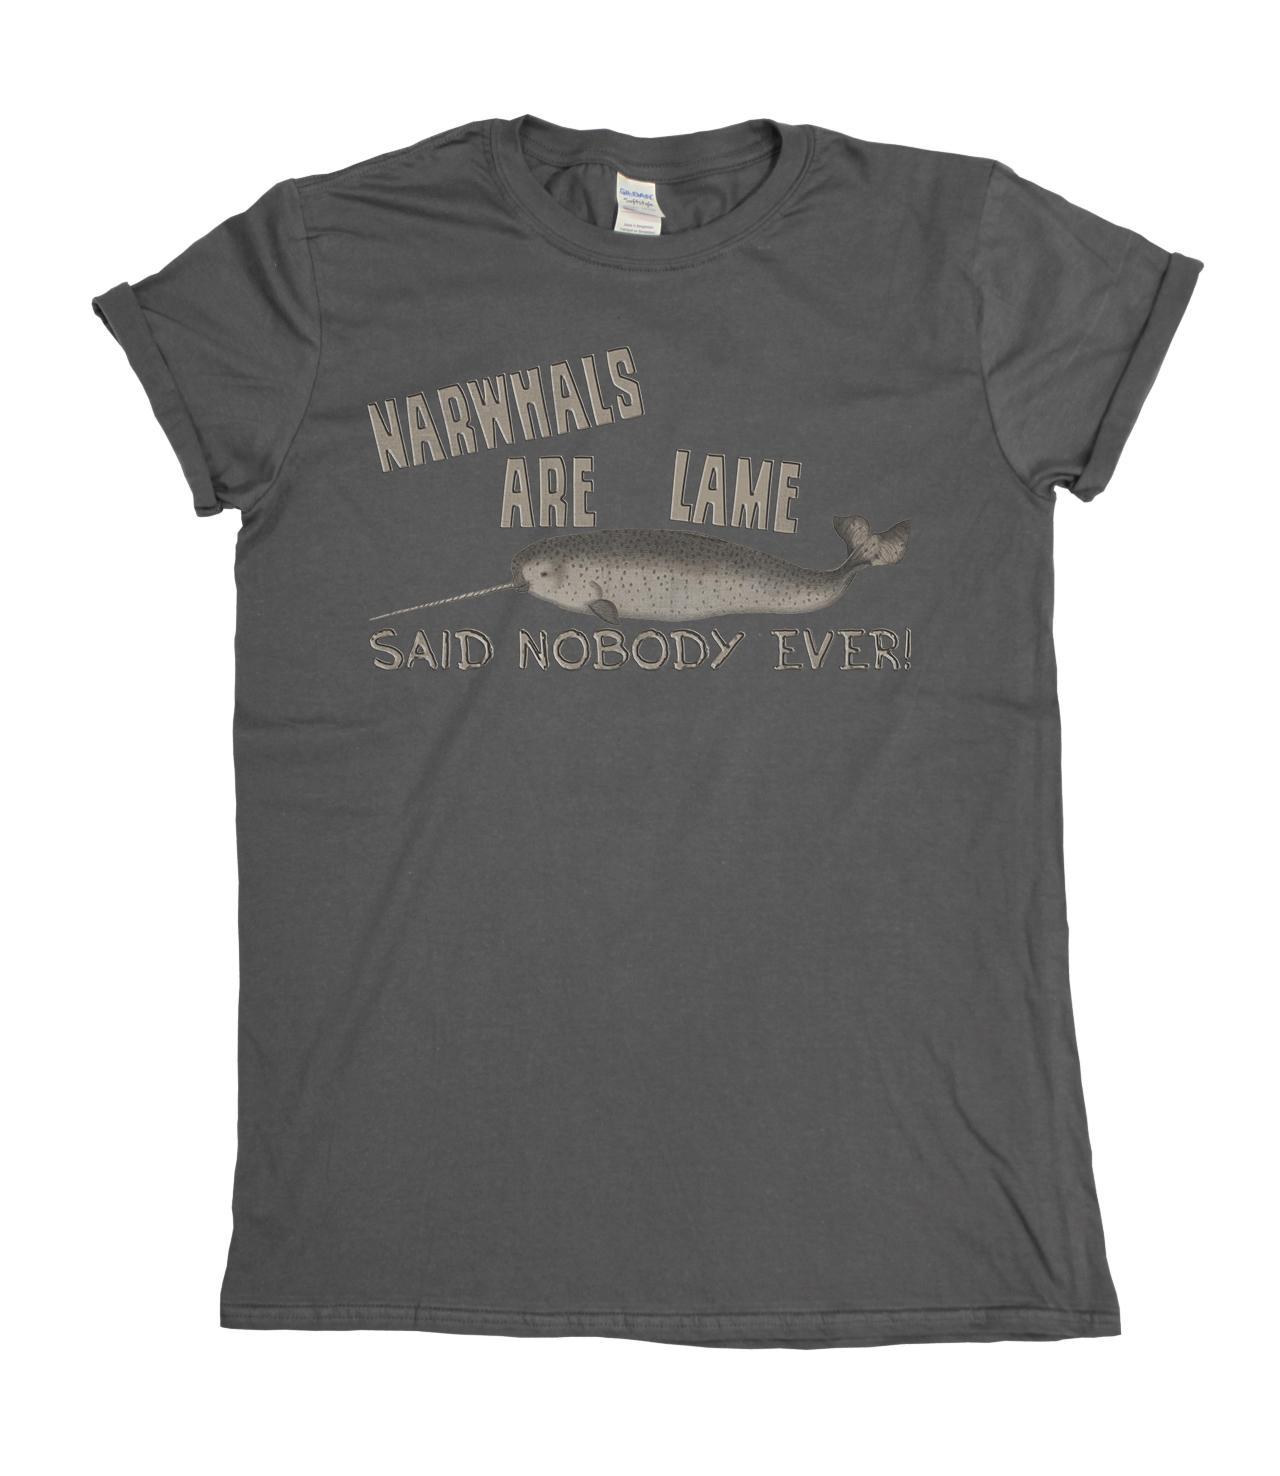 Narvali sono lame..Said nessuno ha mai Mens / Ladies T-shirt regalo di Natale freddo casuale orgoglio uomini della maglietta unisex di nuovo modo